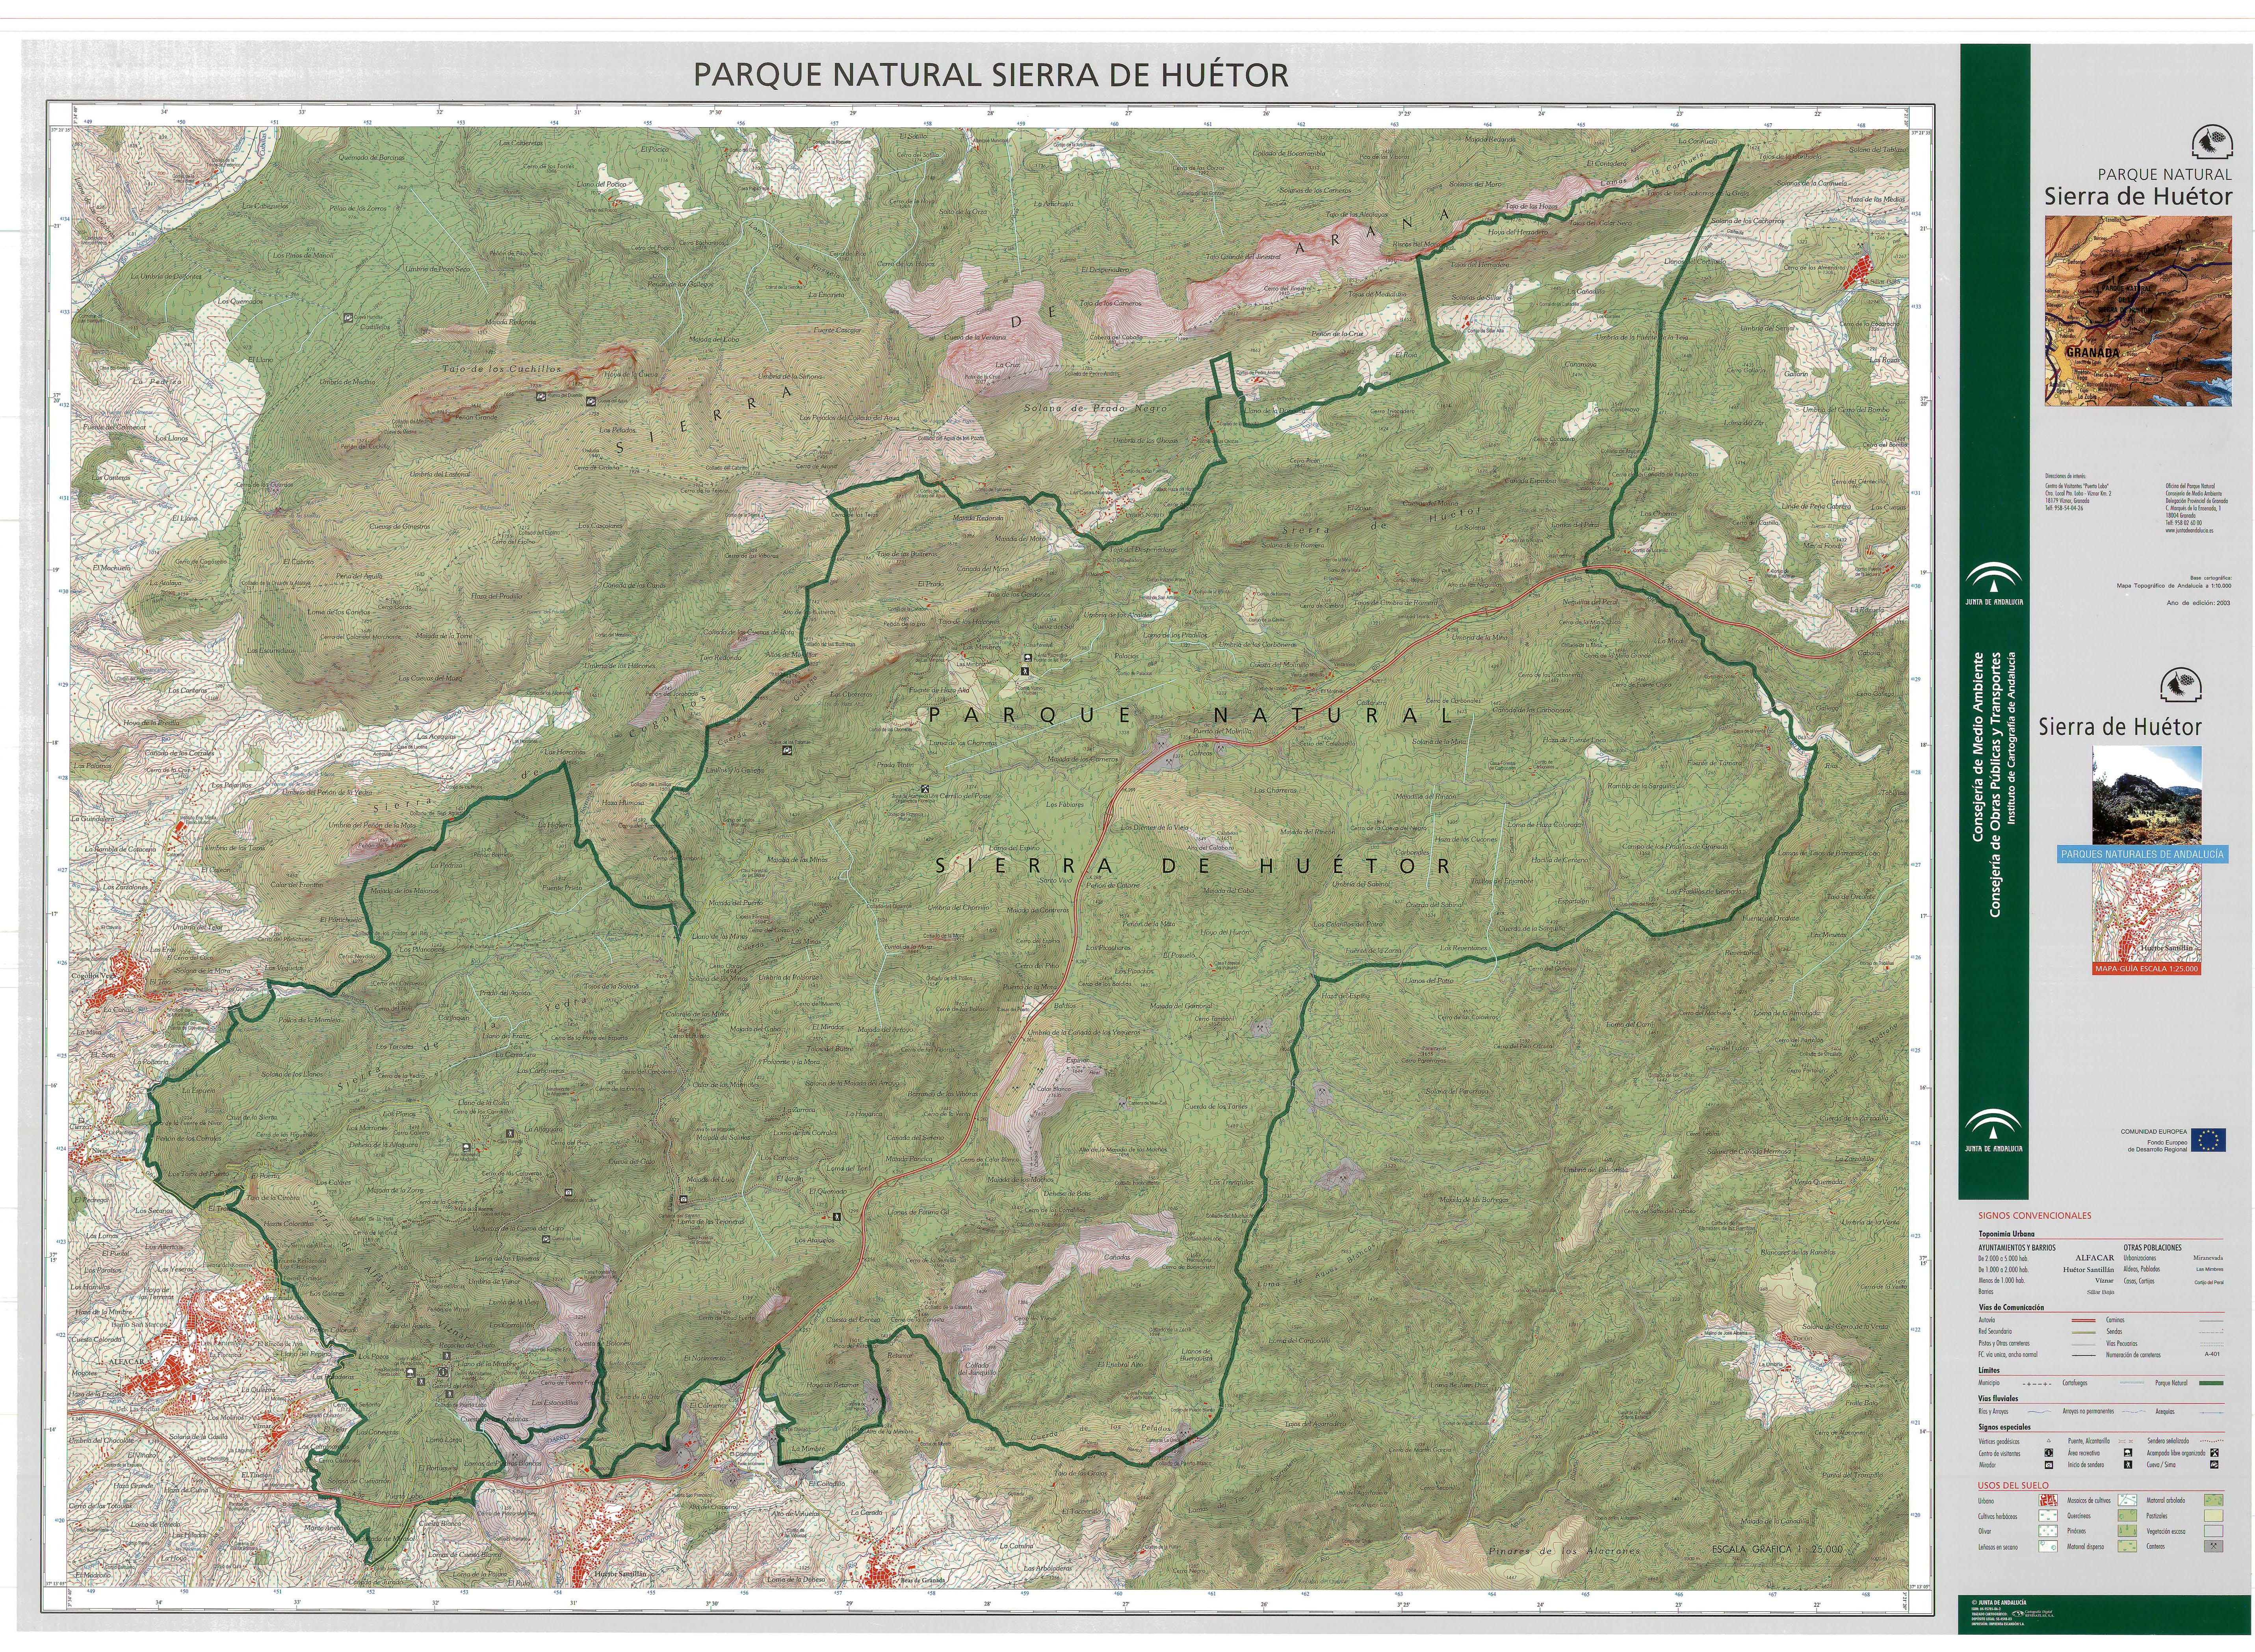 Sierra de Huétor Natural Park 2003